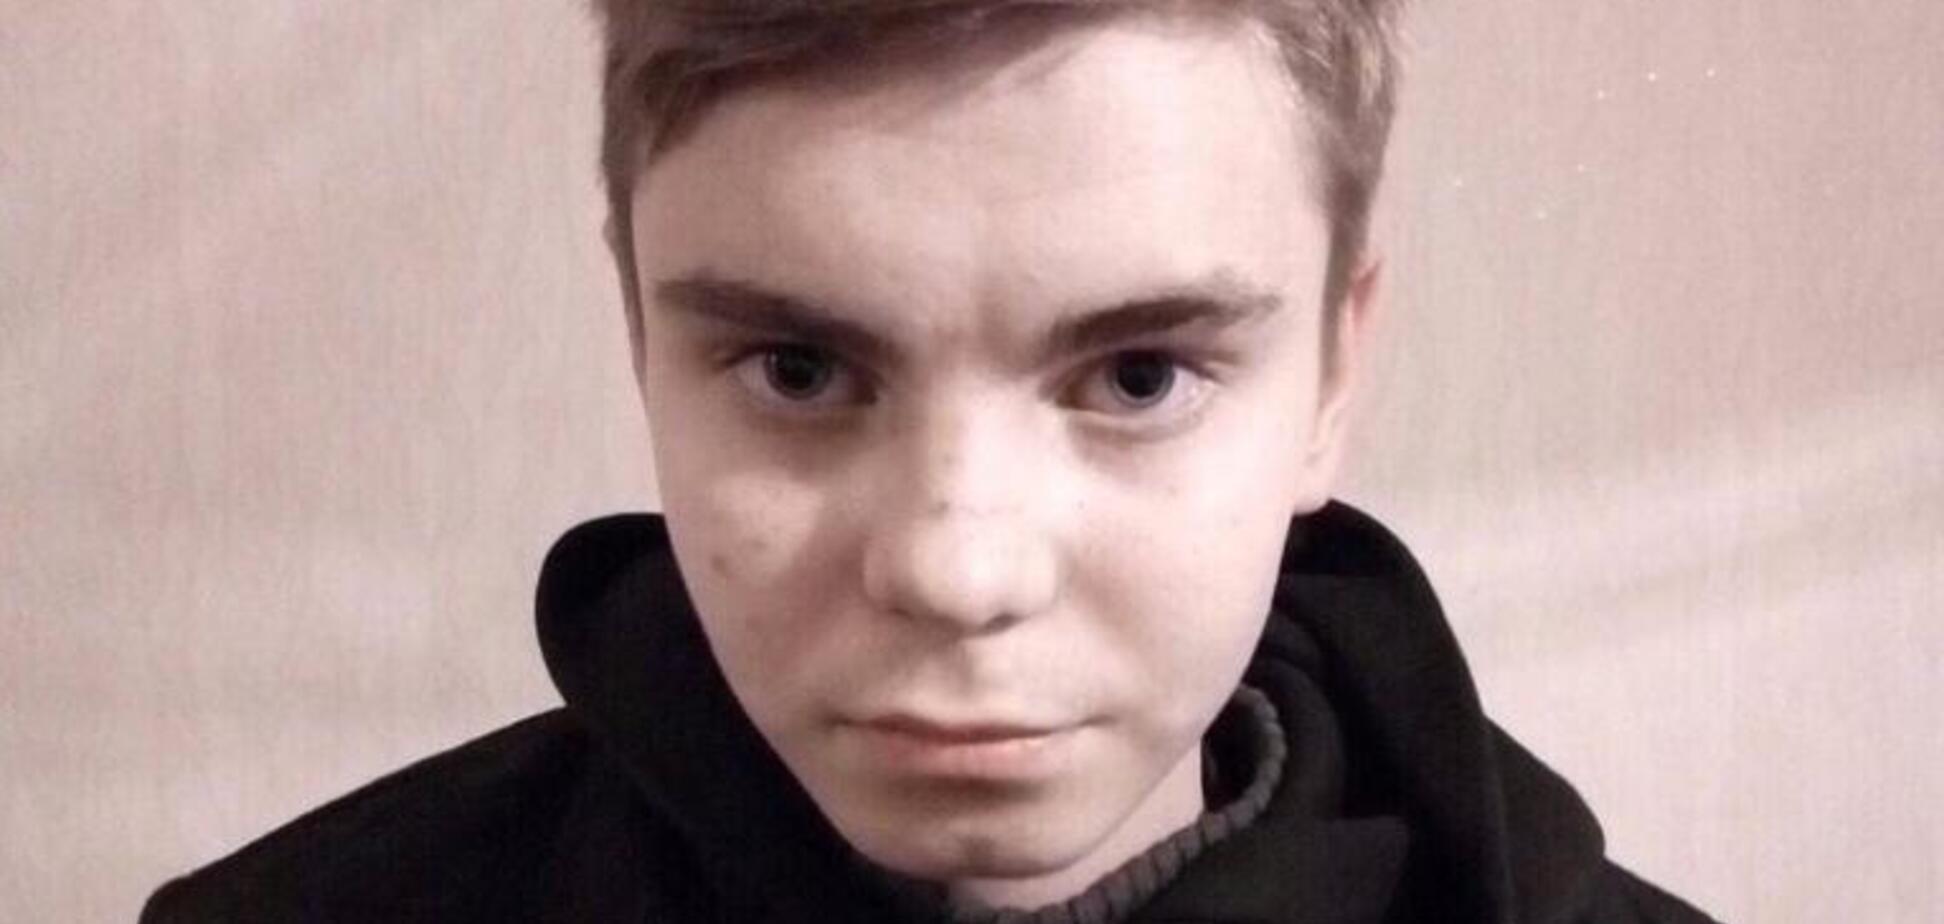 На Дніпропетровщині тиждень розшукують втікача підлітка: фото і прикмети